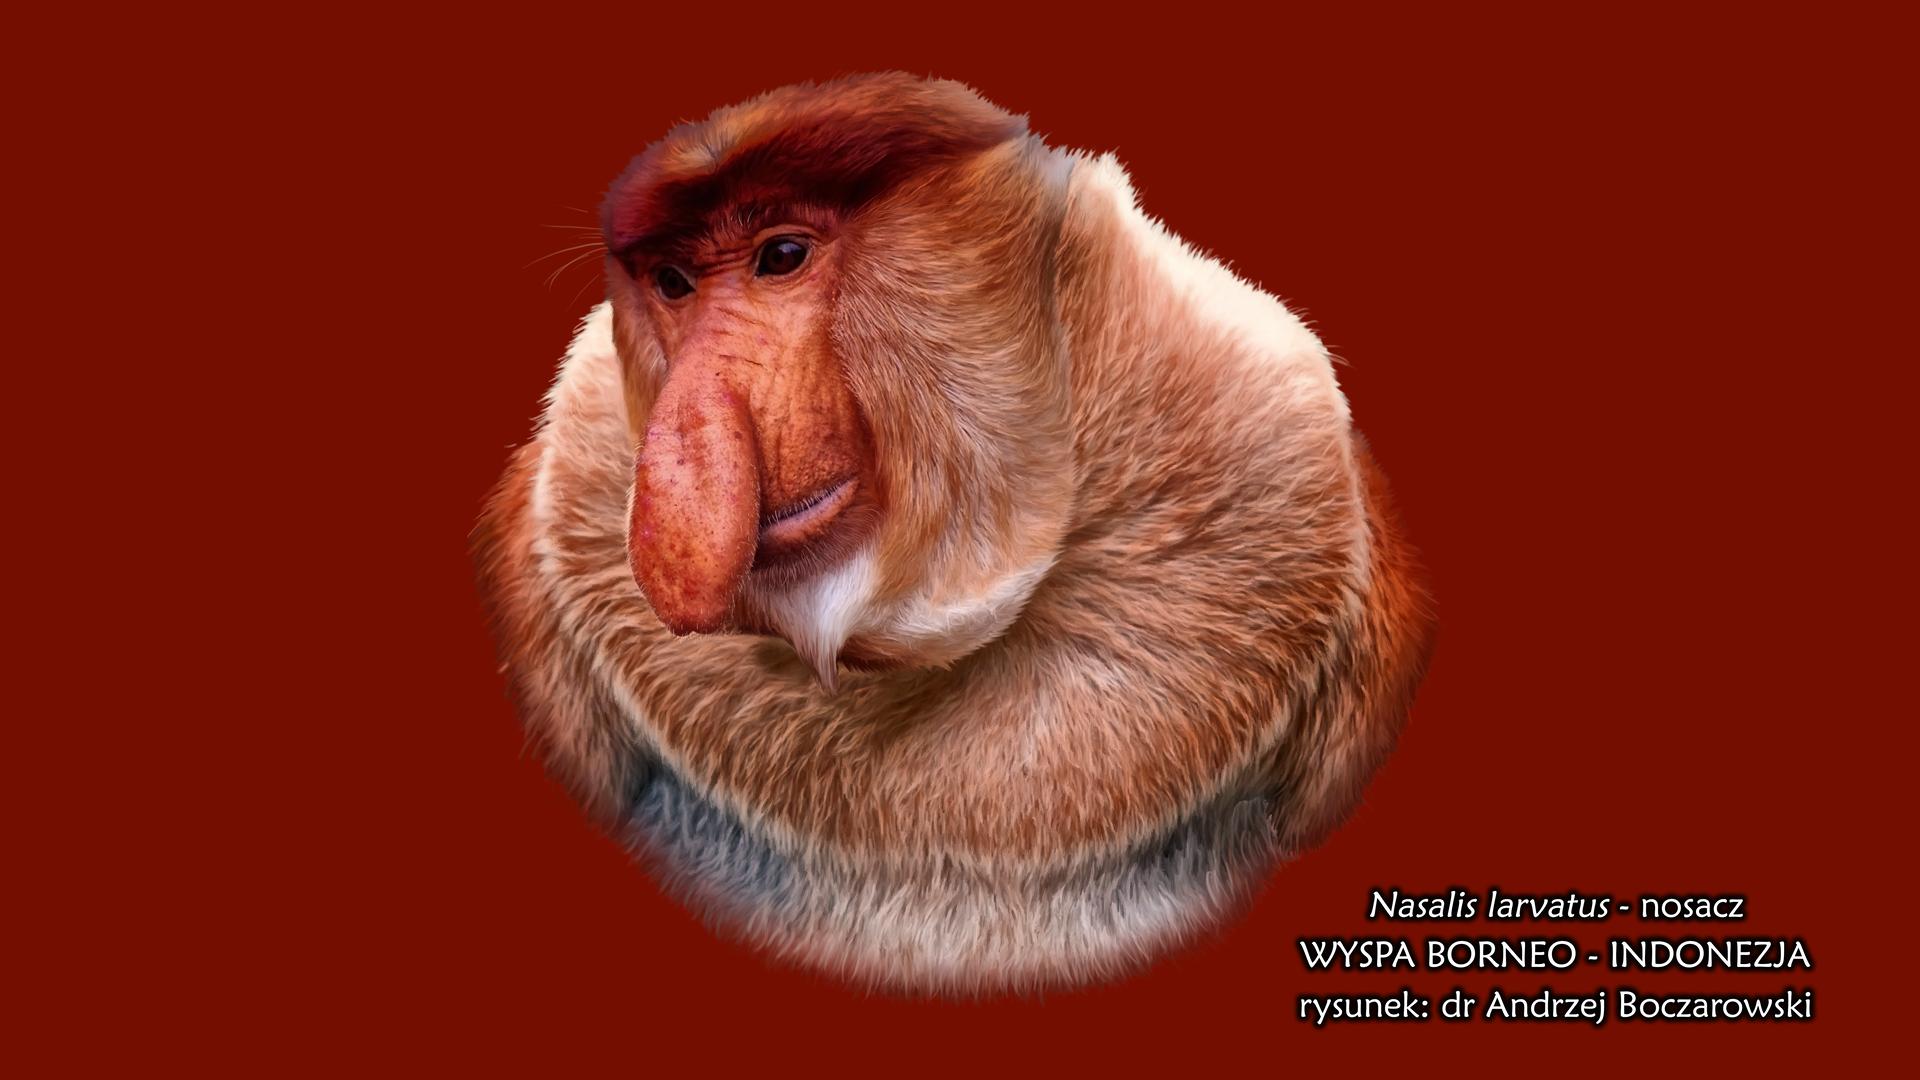 Fotografia nosacza. Małpa ma głowę odużym nosie wkształcie ogórka. Ciało pokryte jasnobrązowymi włosami, jedynie głowa jest ruda.